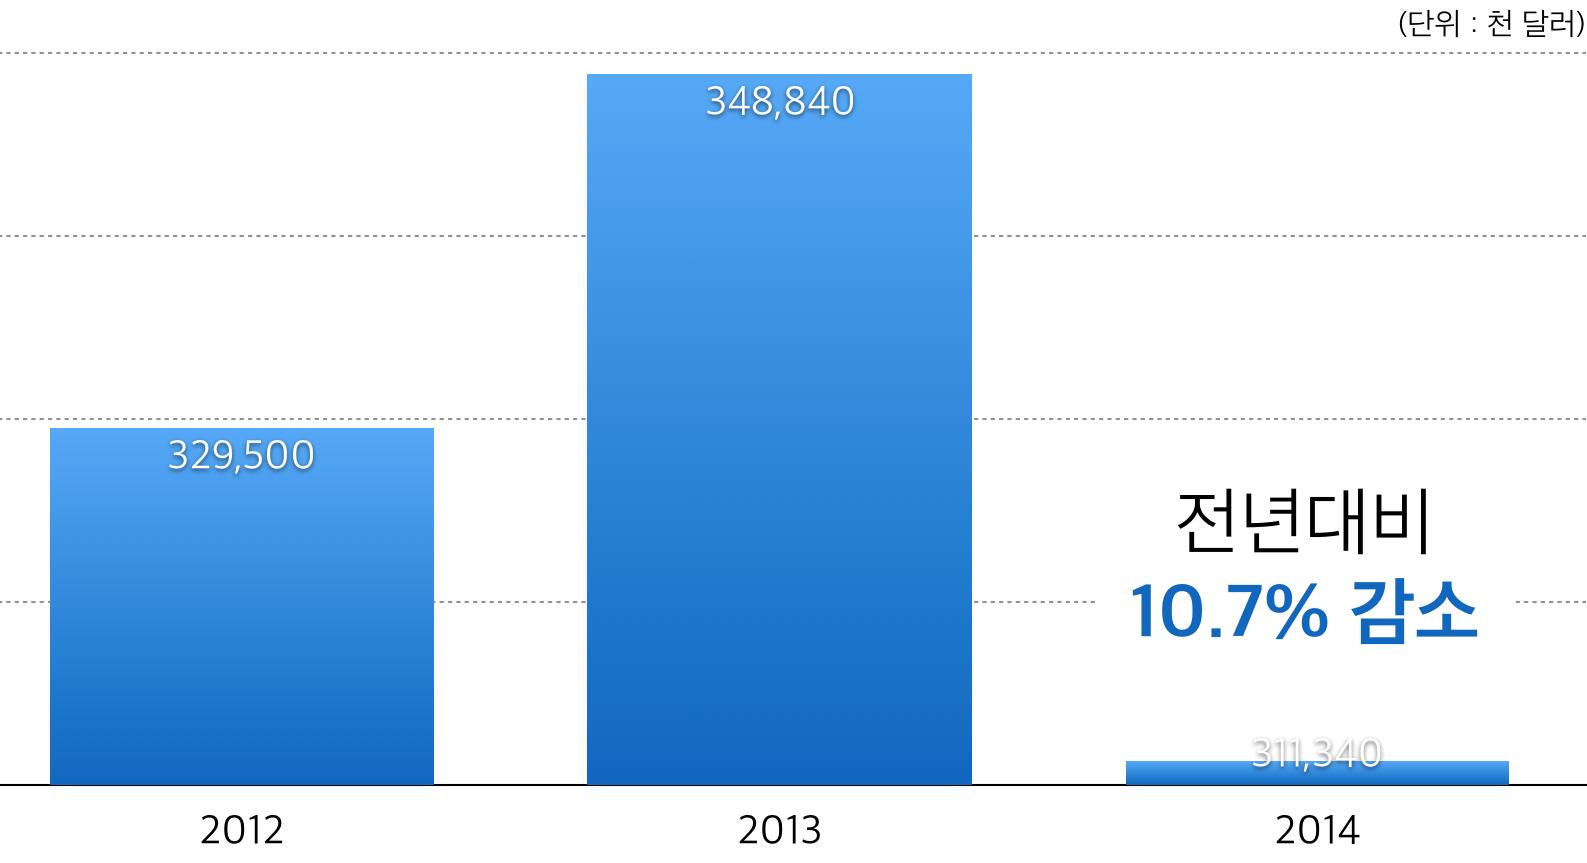 2012-2014년 유럽 콘텐츠 수출 규모